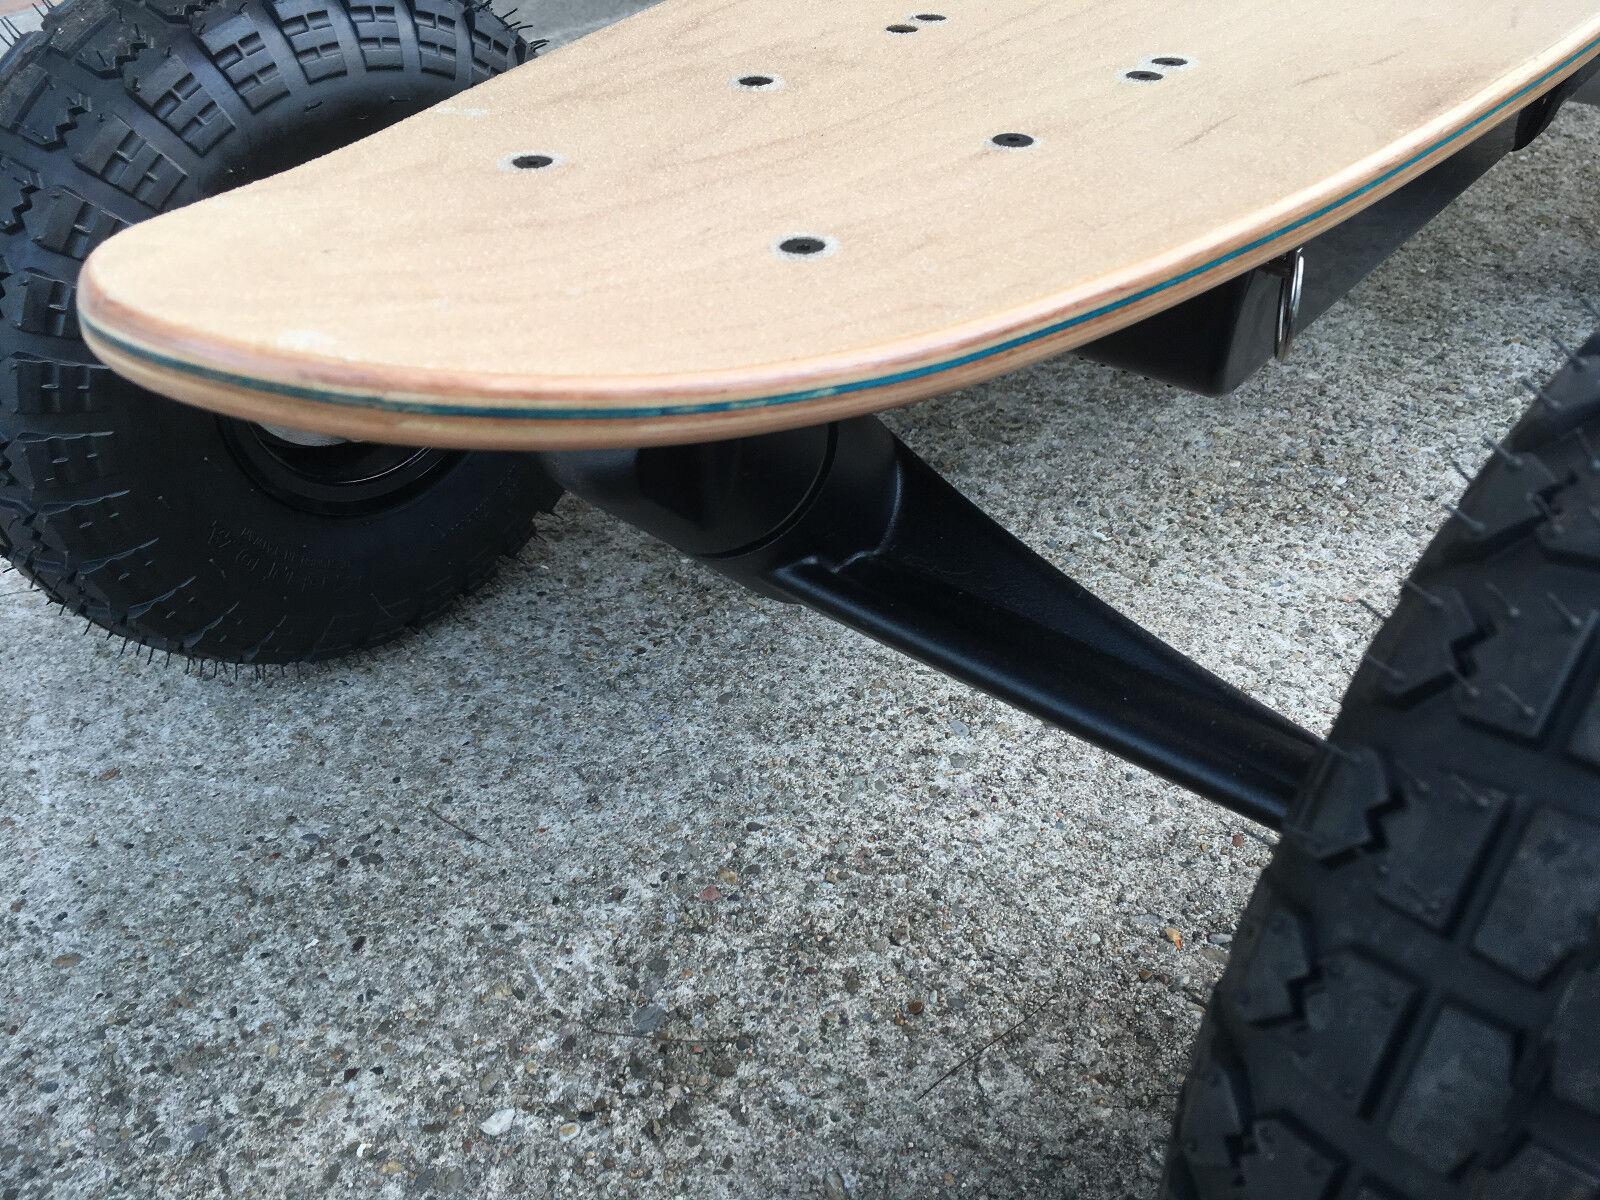 Kaleas e skateboard SKATEBOARD e-SKATE SKATEBOARD skateboard ELETTRICO 900w li-ionakkus 3x 15ah 061770